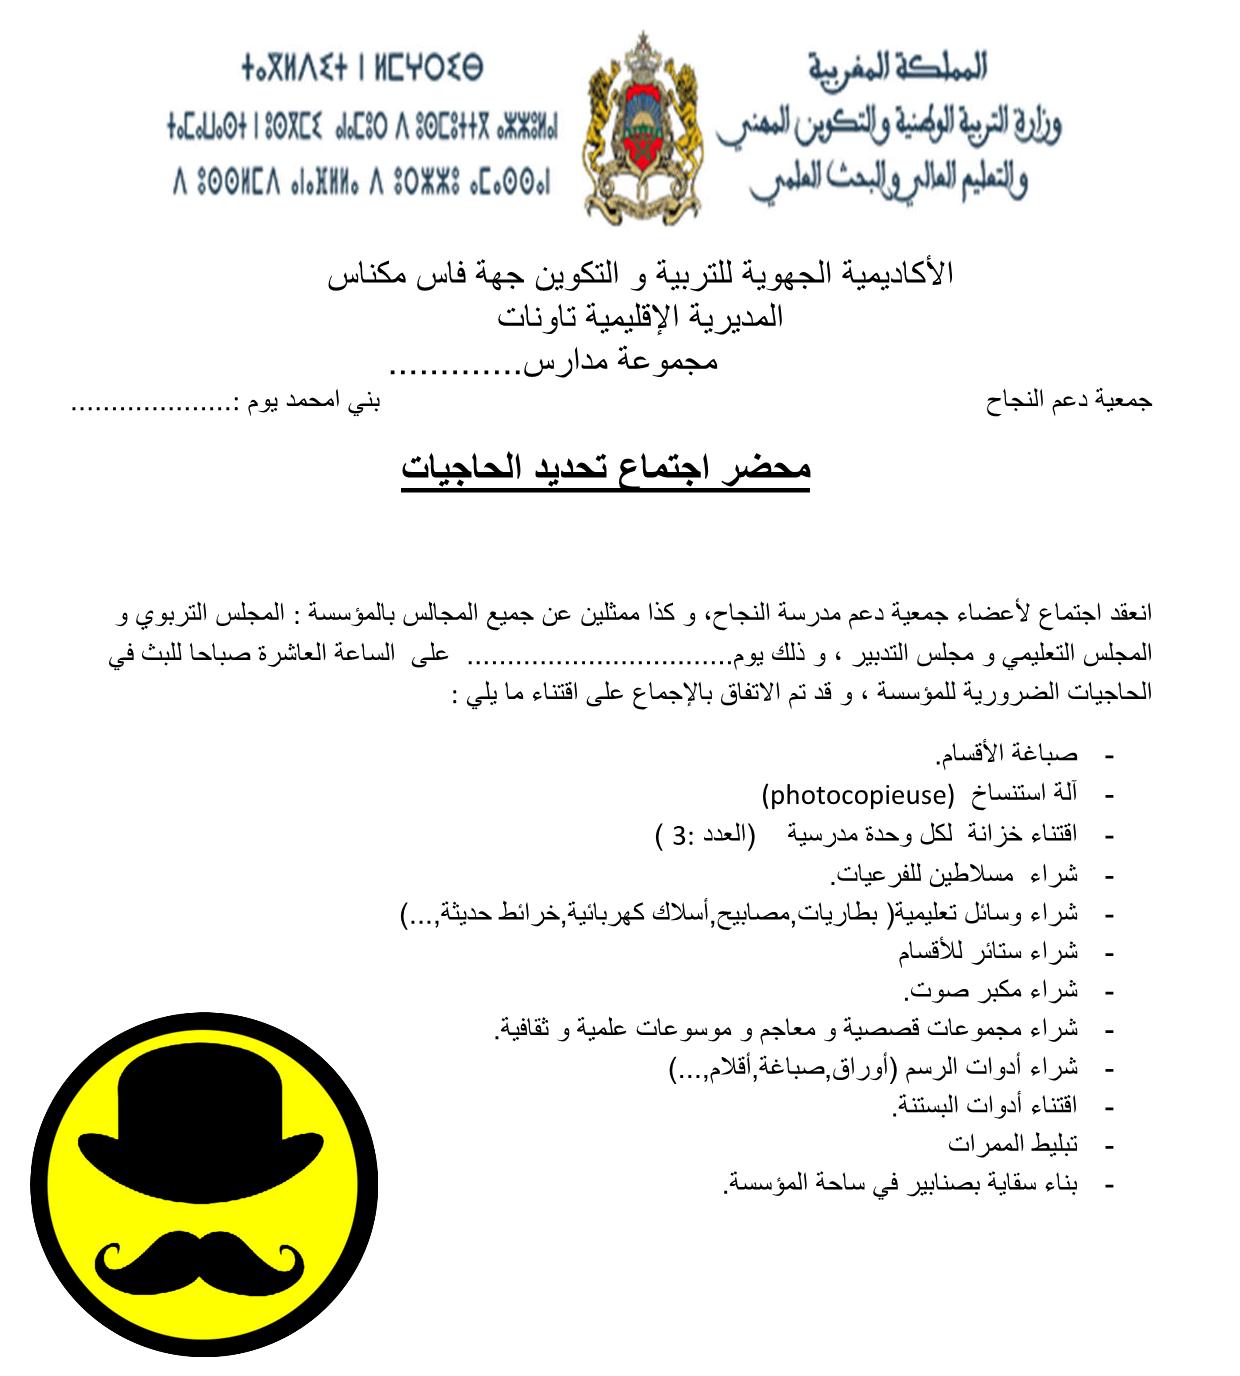 محضر اجتماع تحدید الحاجیات لجمعية دعم مدرسة النجاح